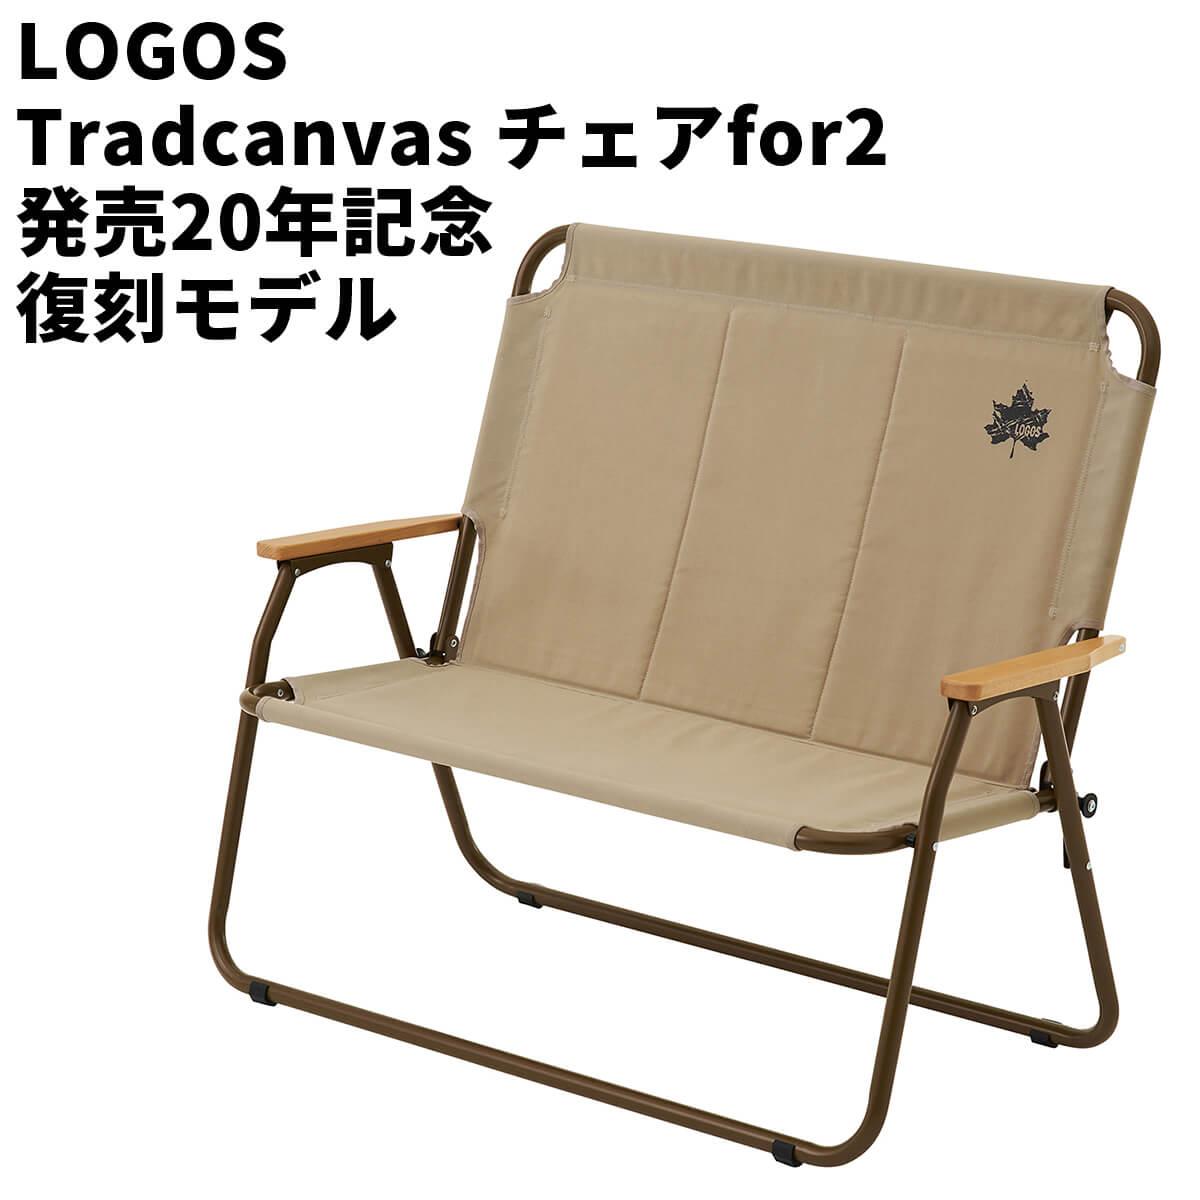 ロゴス LOGOS ベンチ Tradcanvas 73173088 キャンプ アウトドアソファ チェア 折りたたみ 椅子 アームレスト付き 二人掛け ローチェア 軽量 背付き 2人用